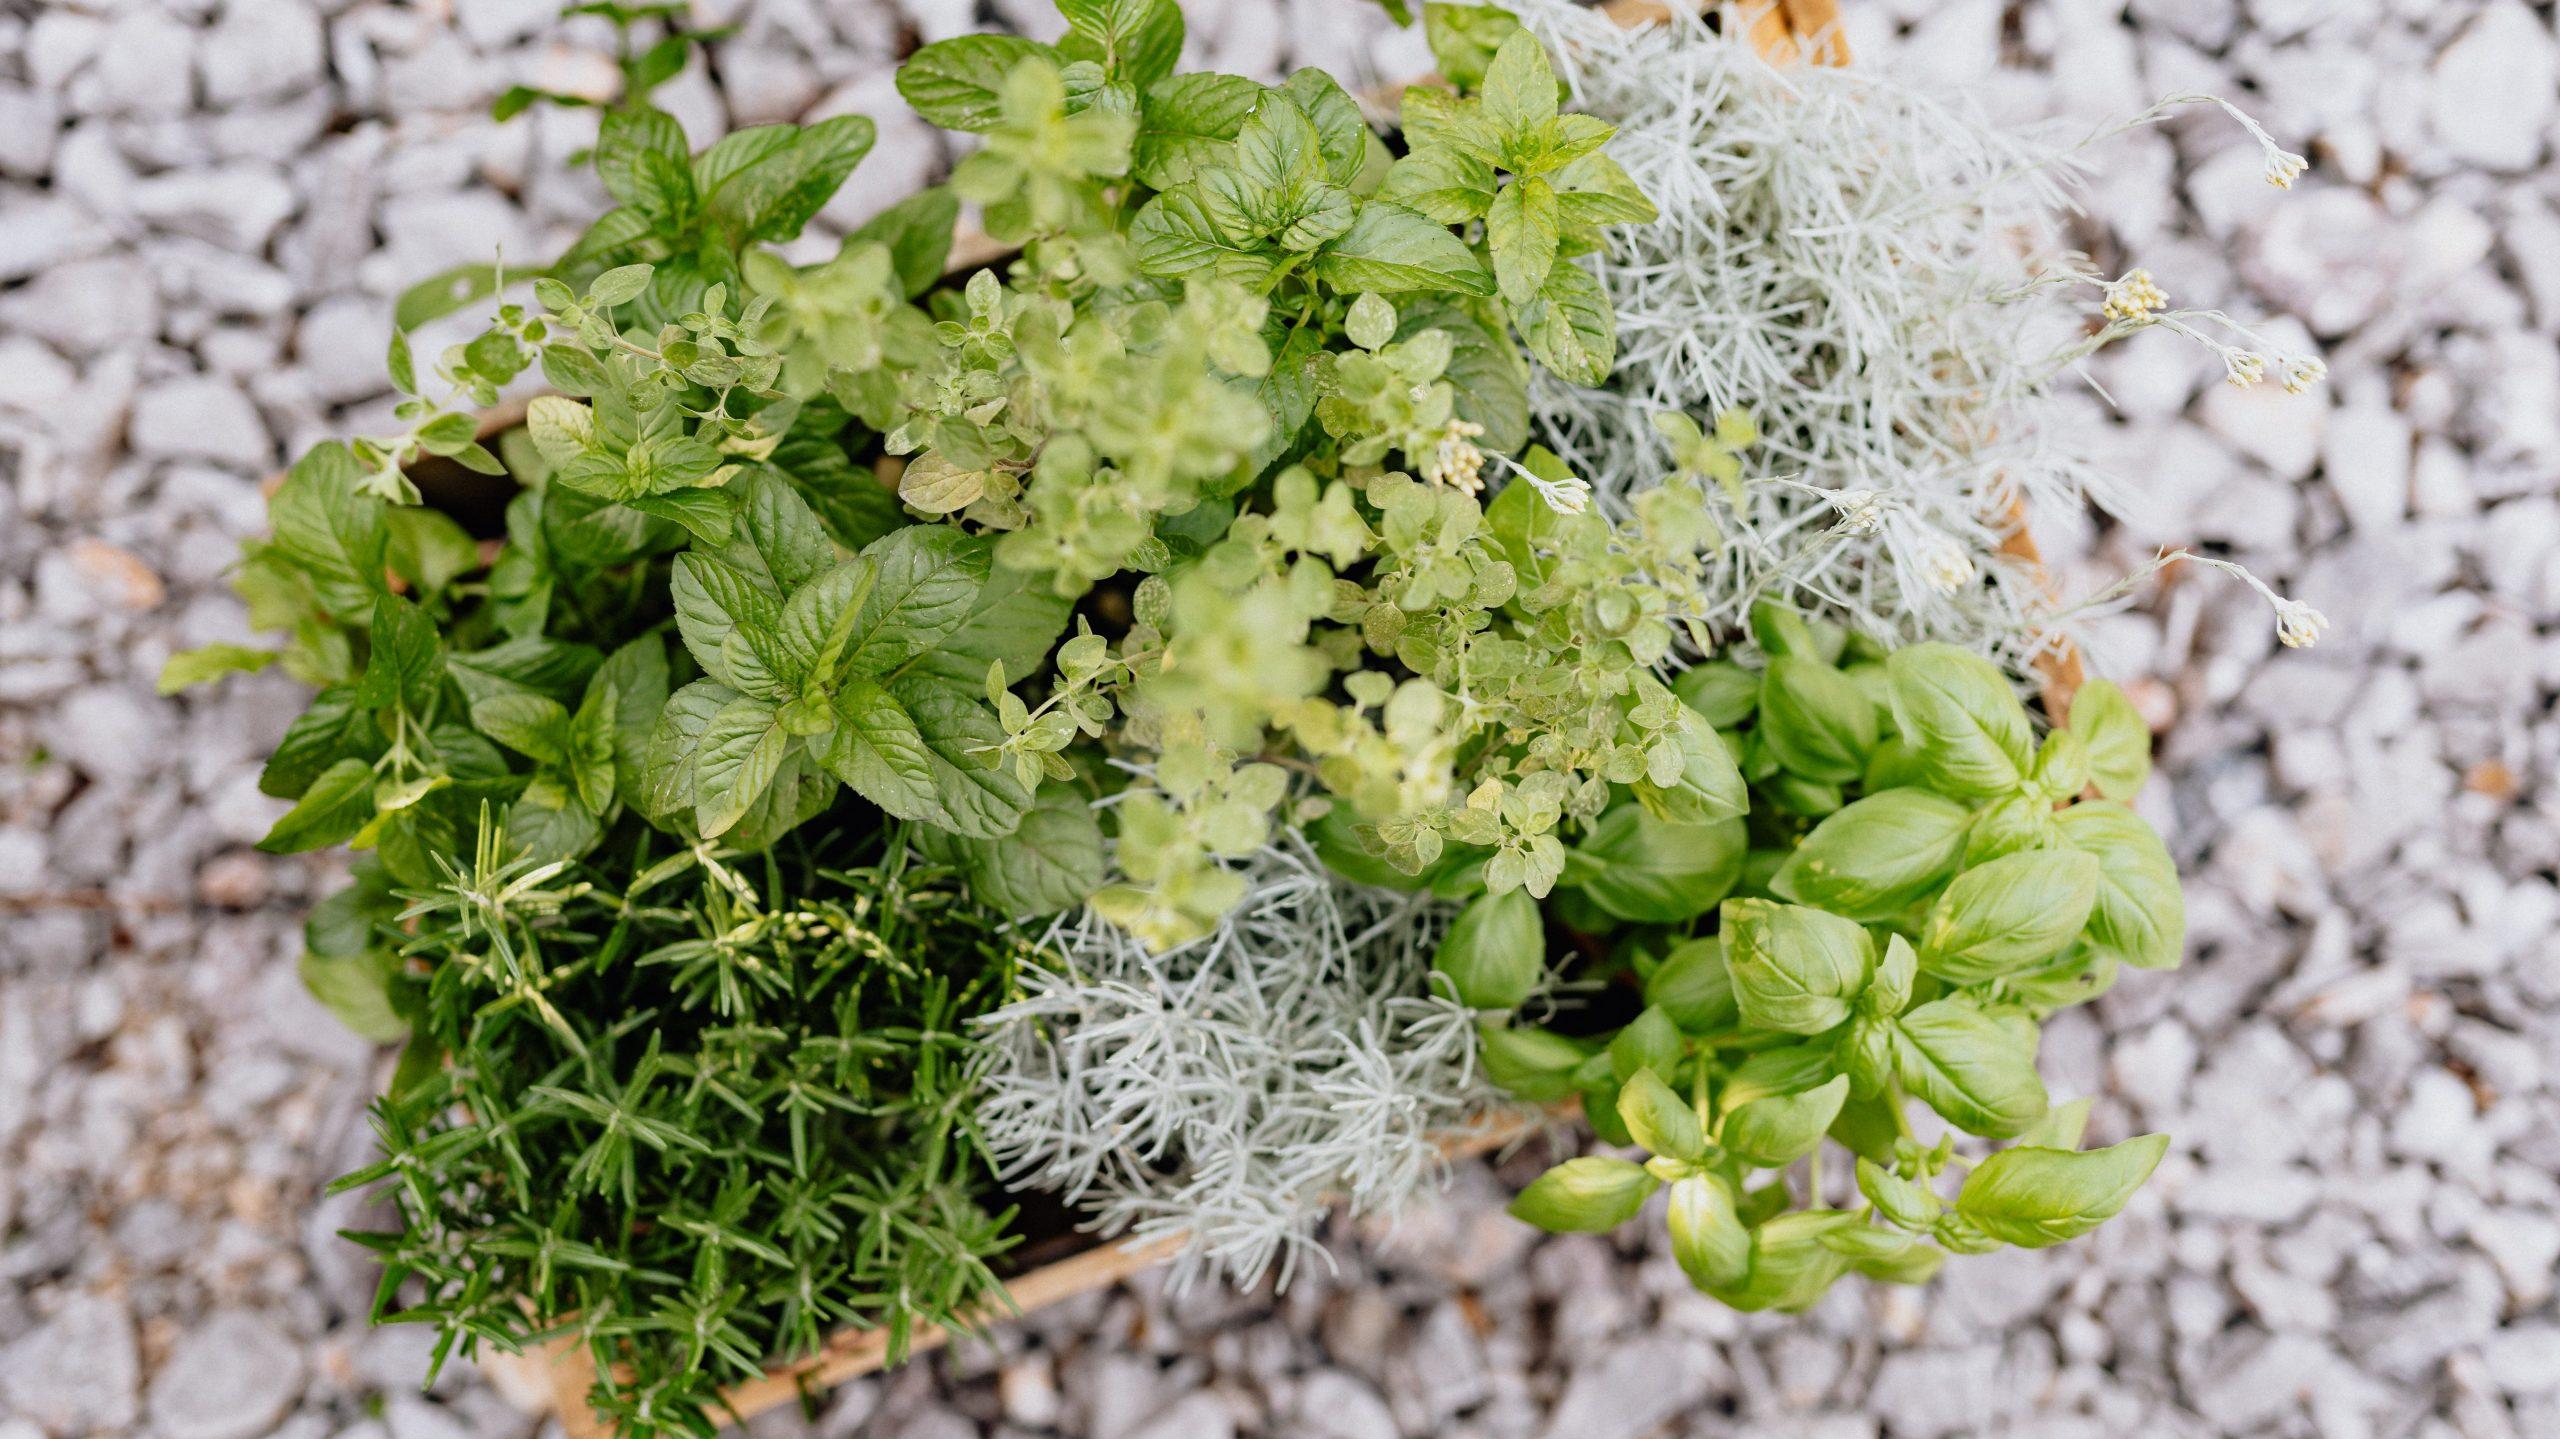 bylinka zahrada v byte, rastliny v kvetinaci